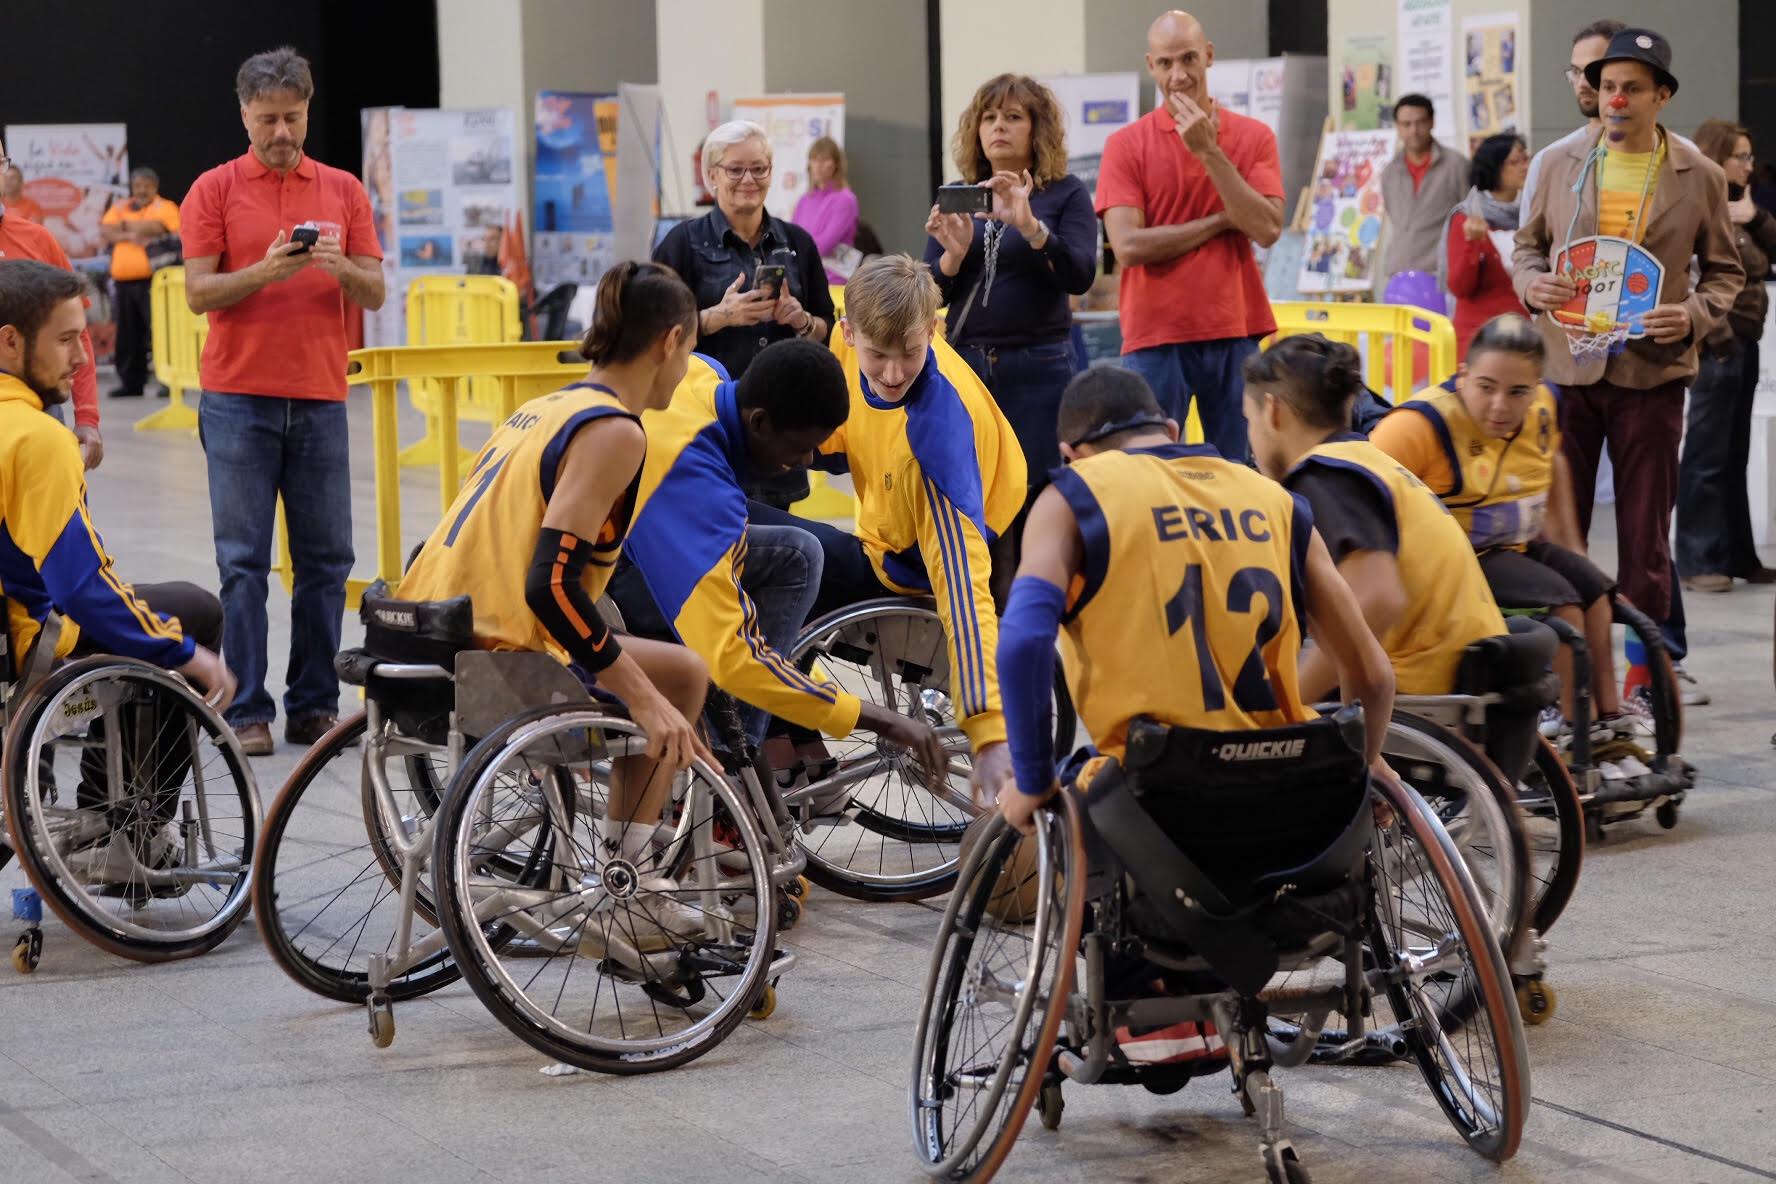 Las Palmas de Gran Canaria. 22/11/16.  Ruta por la Accesibilidad, celebrada hoy en el Edificio Miller de la capital grancanaria.